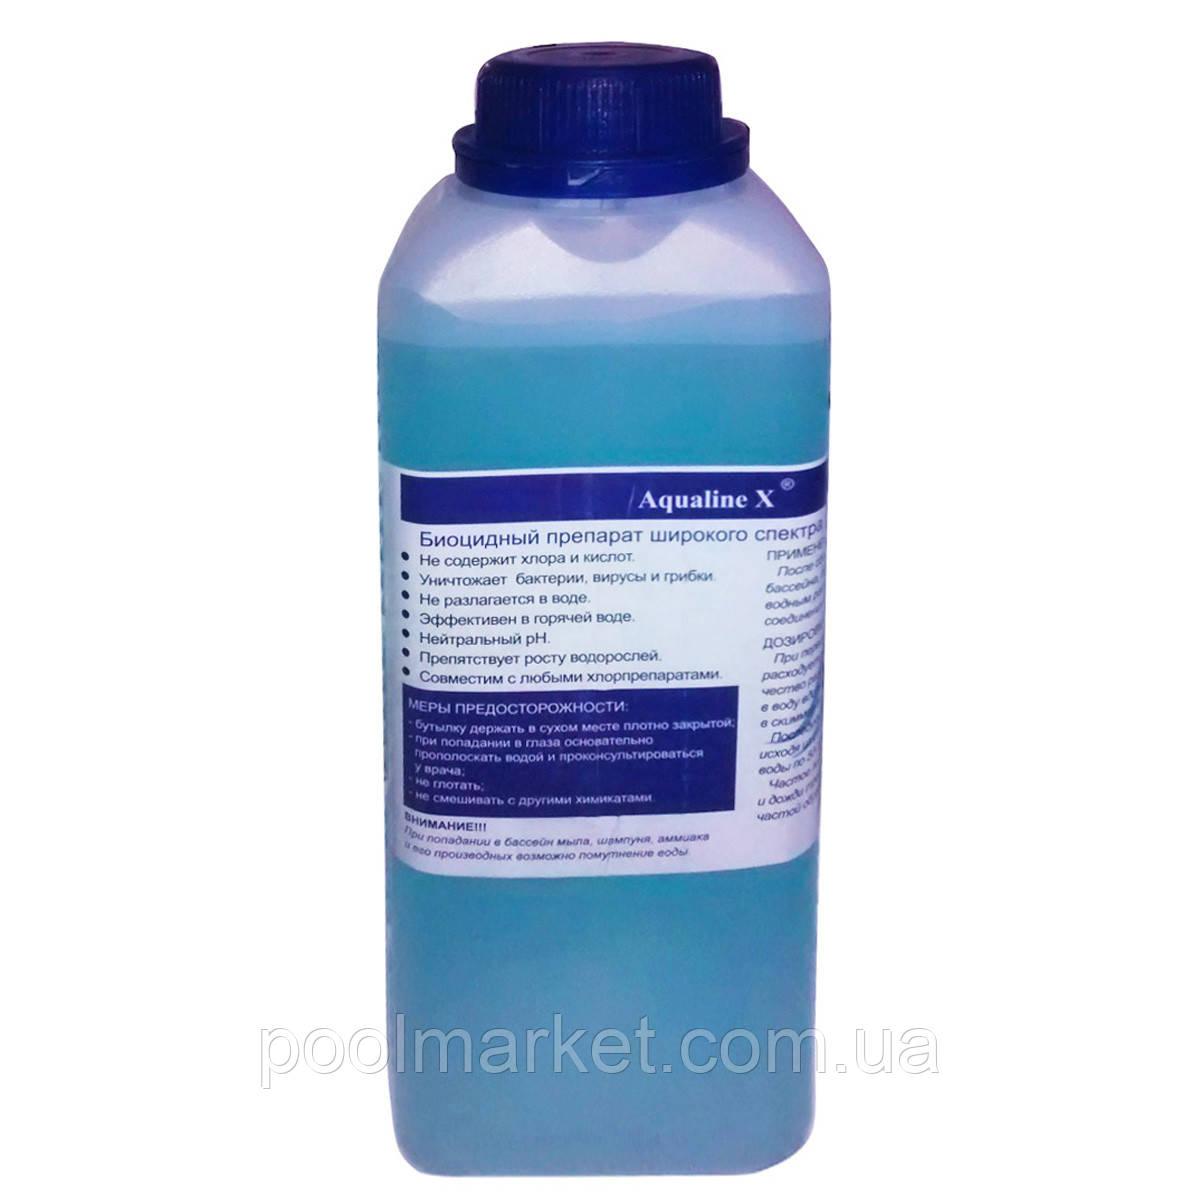 Aqualinе X (жидкий) БЕСХЛОРНЫЙ БИОЦИДНЫЙ ПРЕПАРАТ - 1 Л